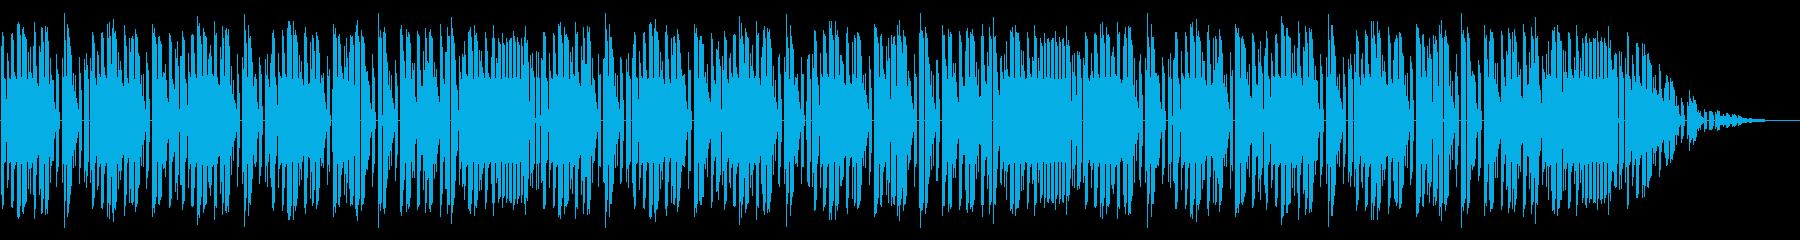 NES レース A01-2(タイトル フの再生済みの波形